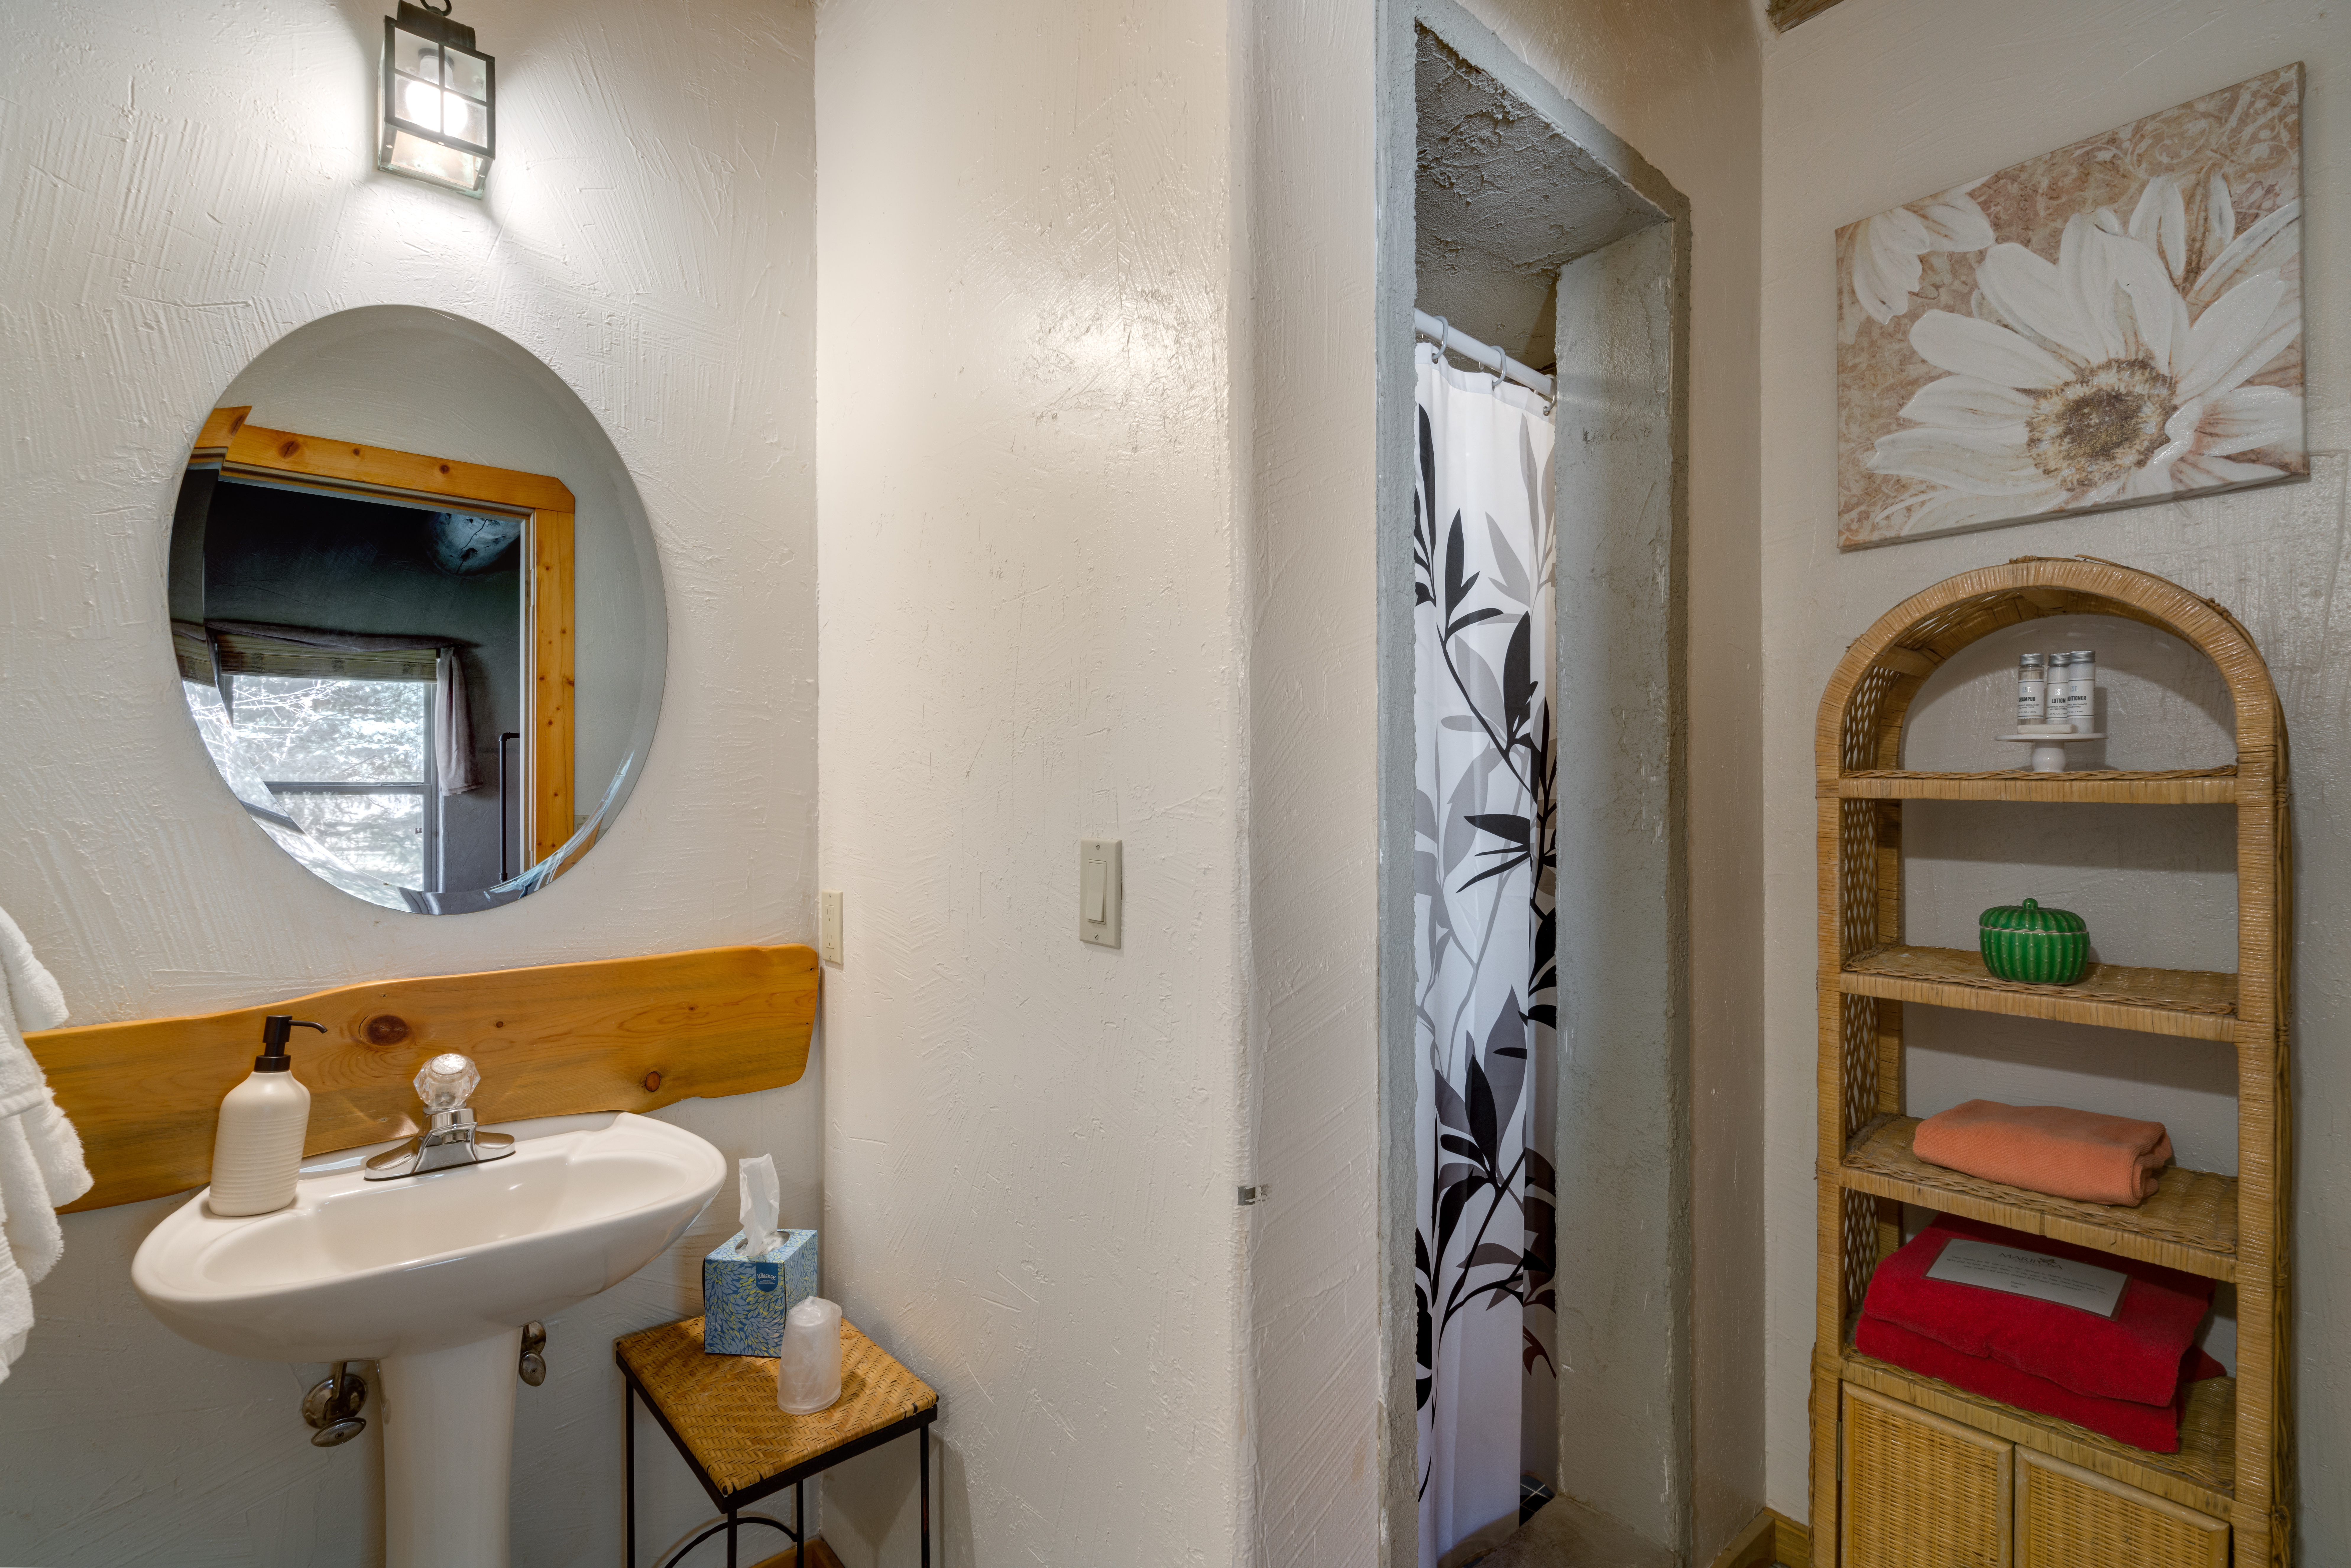 Gemelo Bathroom